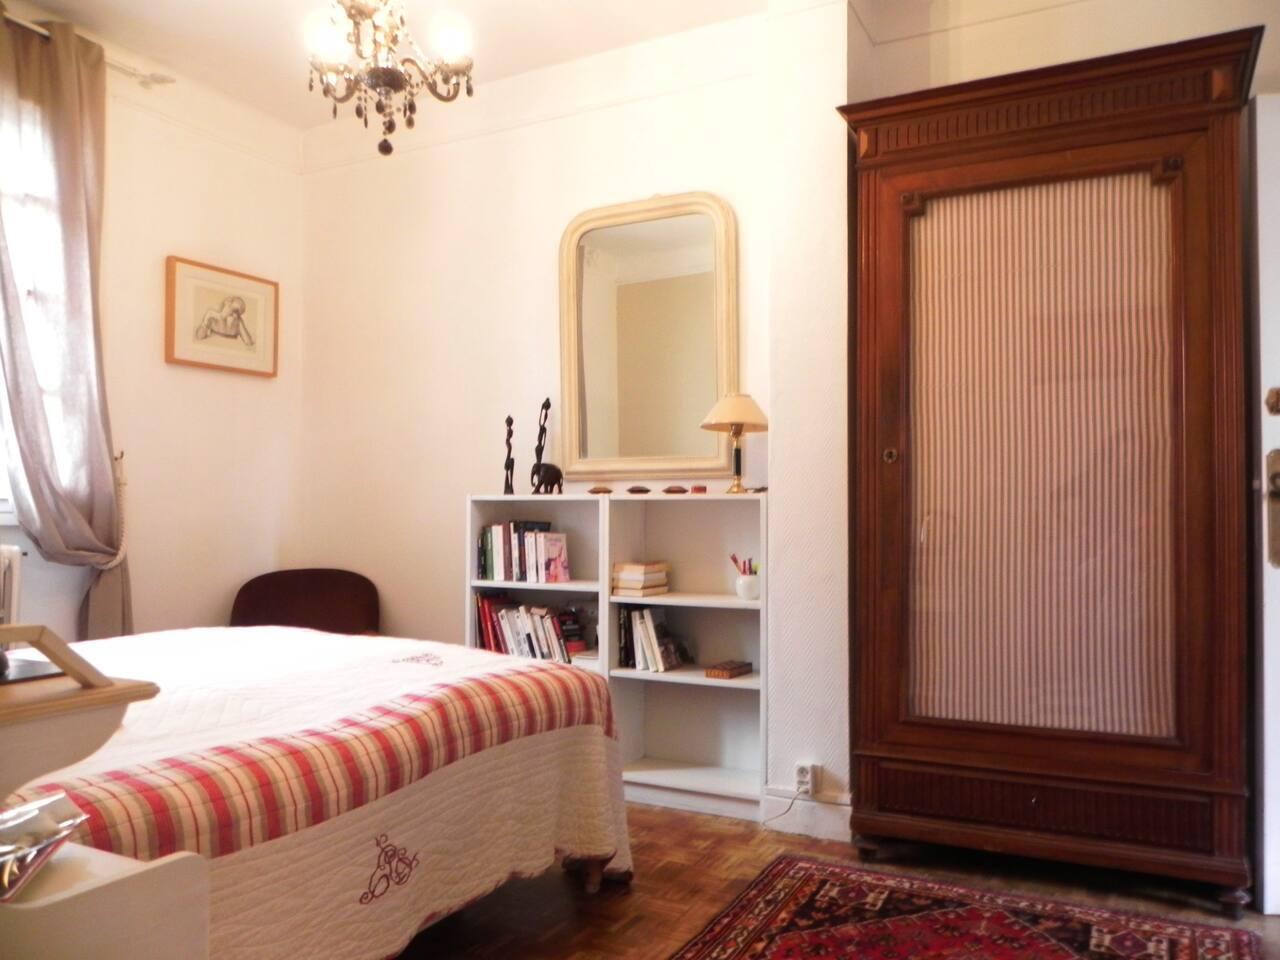 Chambre spacieuse avec fenêtre donnant sur cour ce qui préserve du bruit du quartier